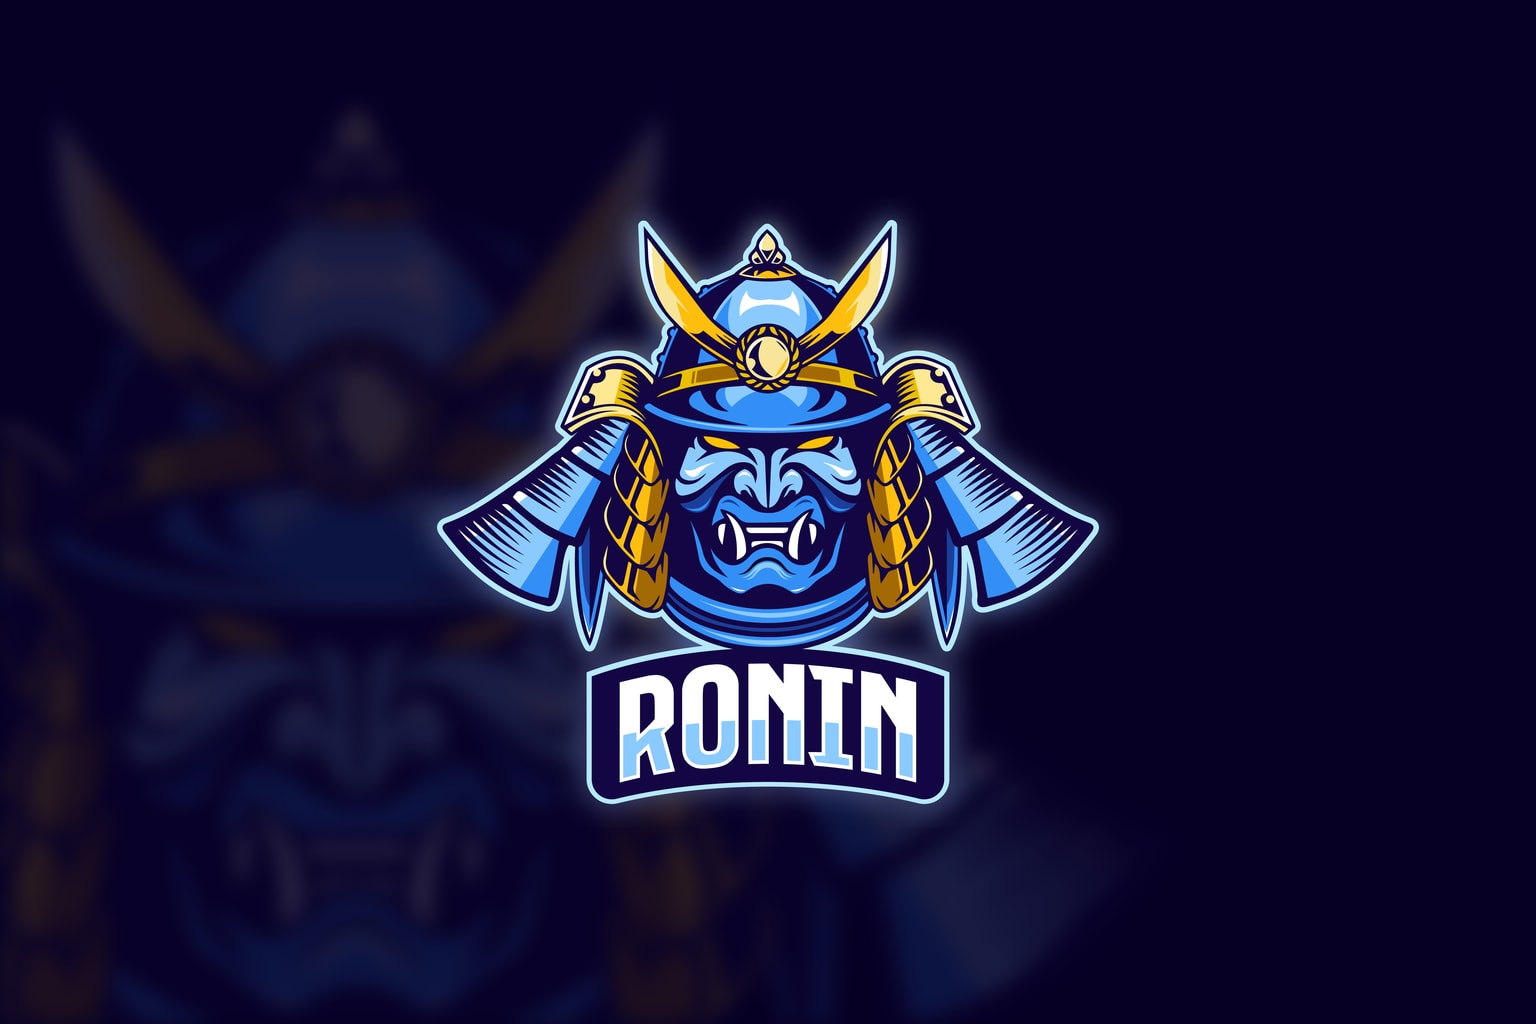 esport logo cruel ronin